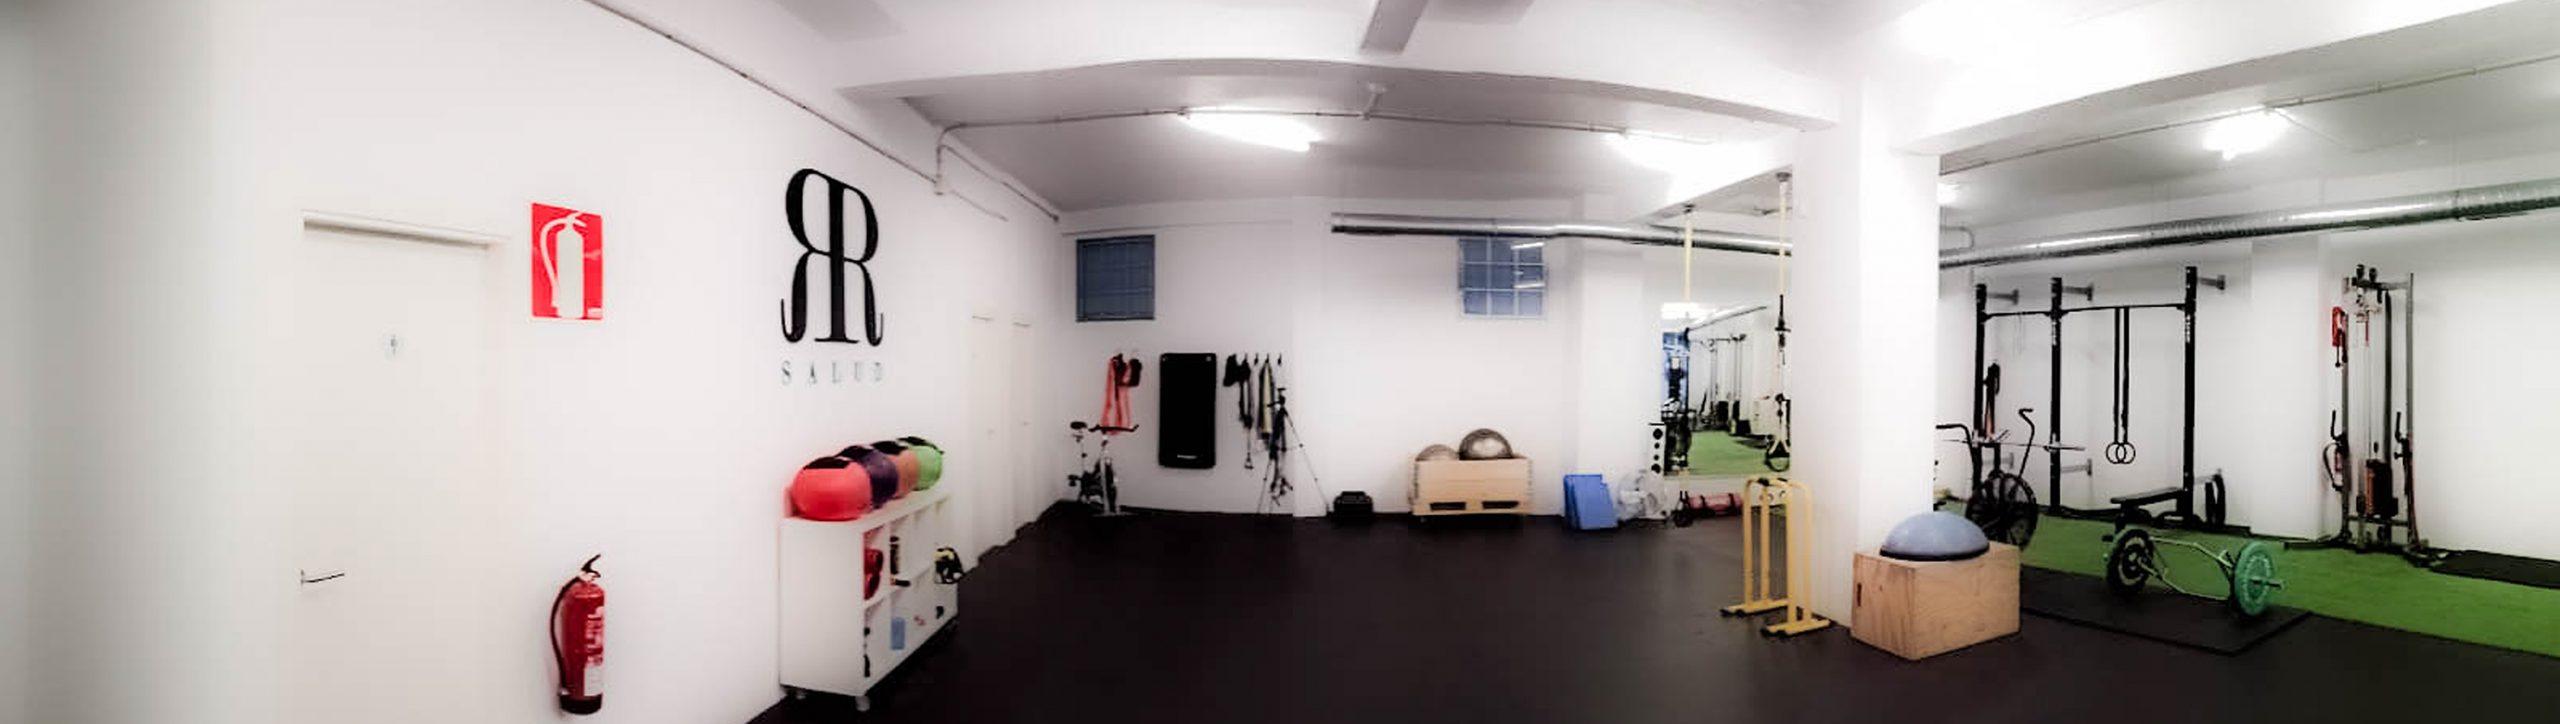 portada ruben-rrsalud centro entrenamiento personal a coruña 4